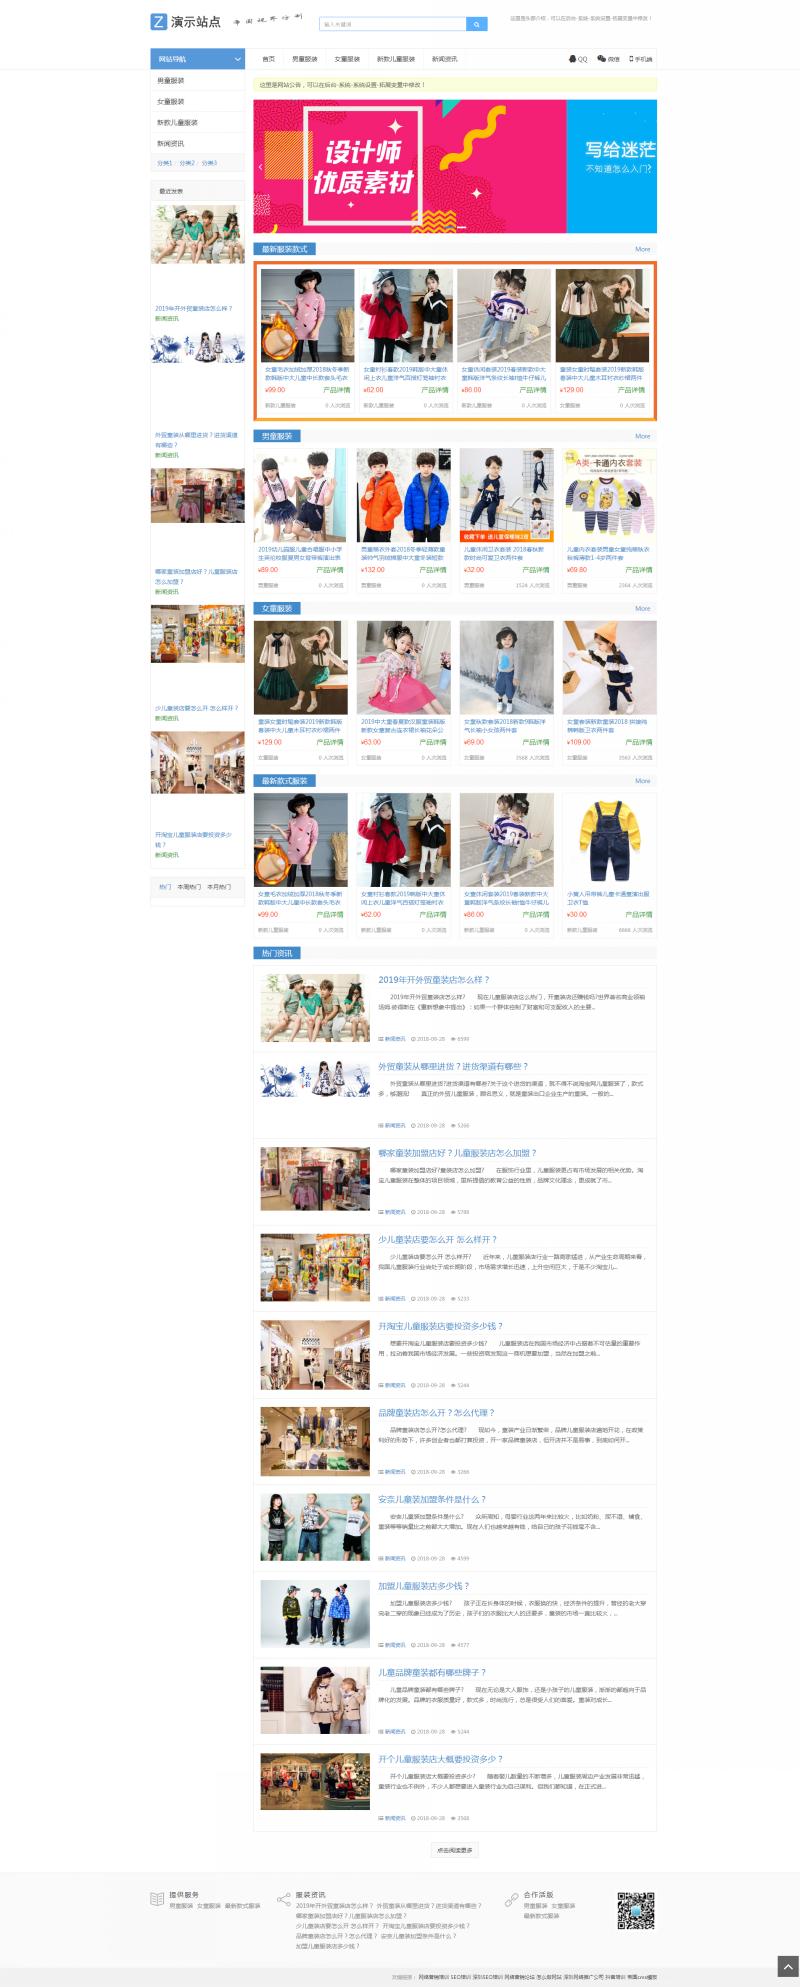 网站首页.jpg [DG-015]帝国cms淘宝客网站模板响应式图片展示模板 企业模板 第1张